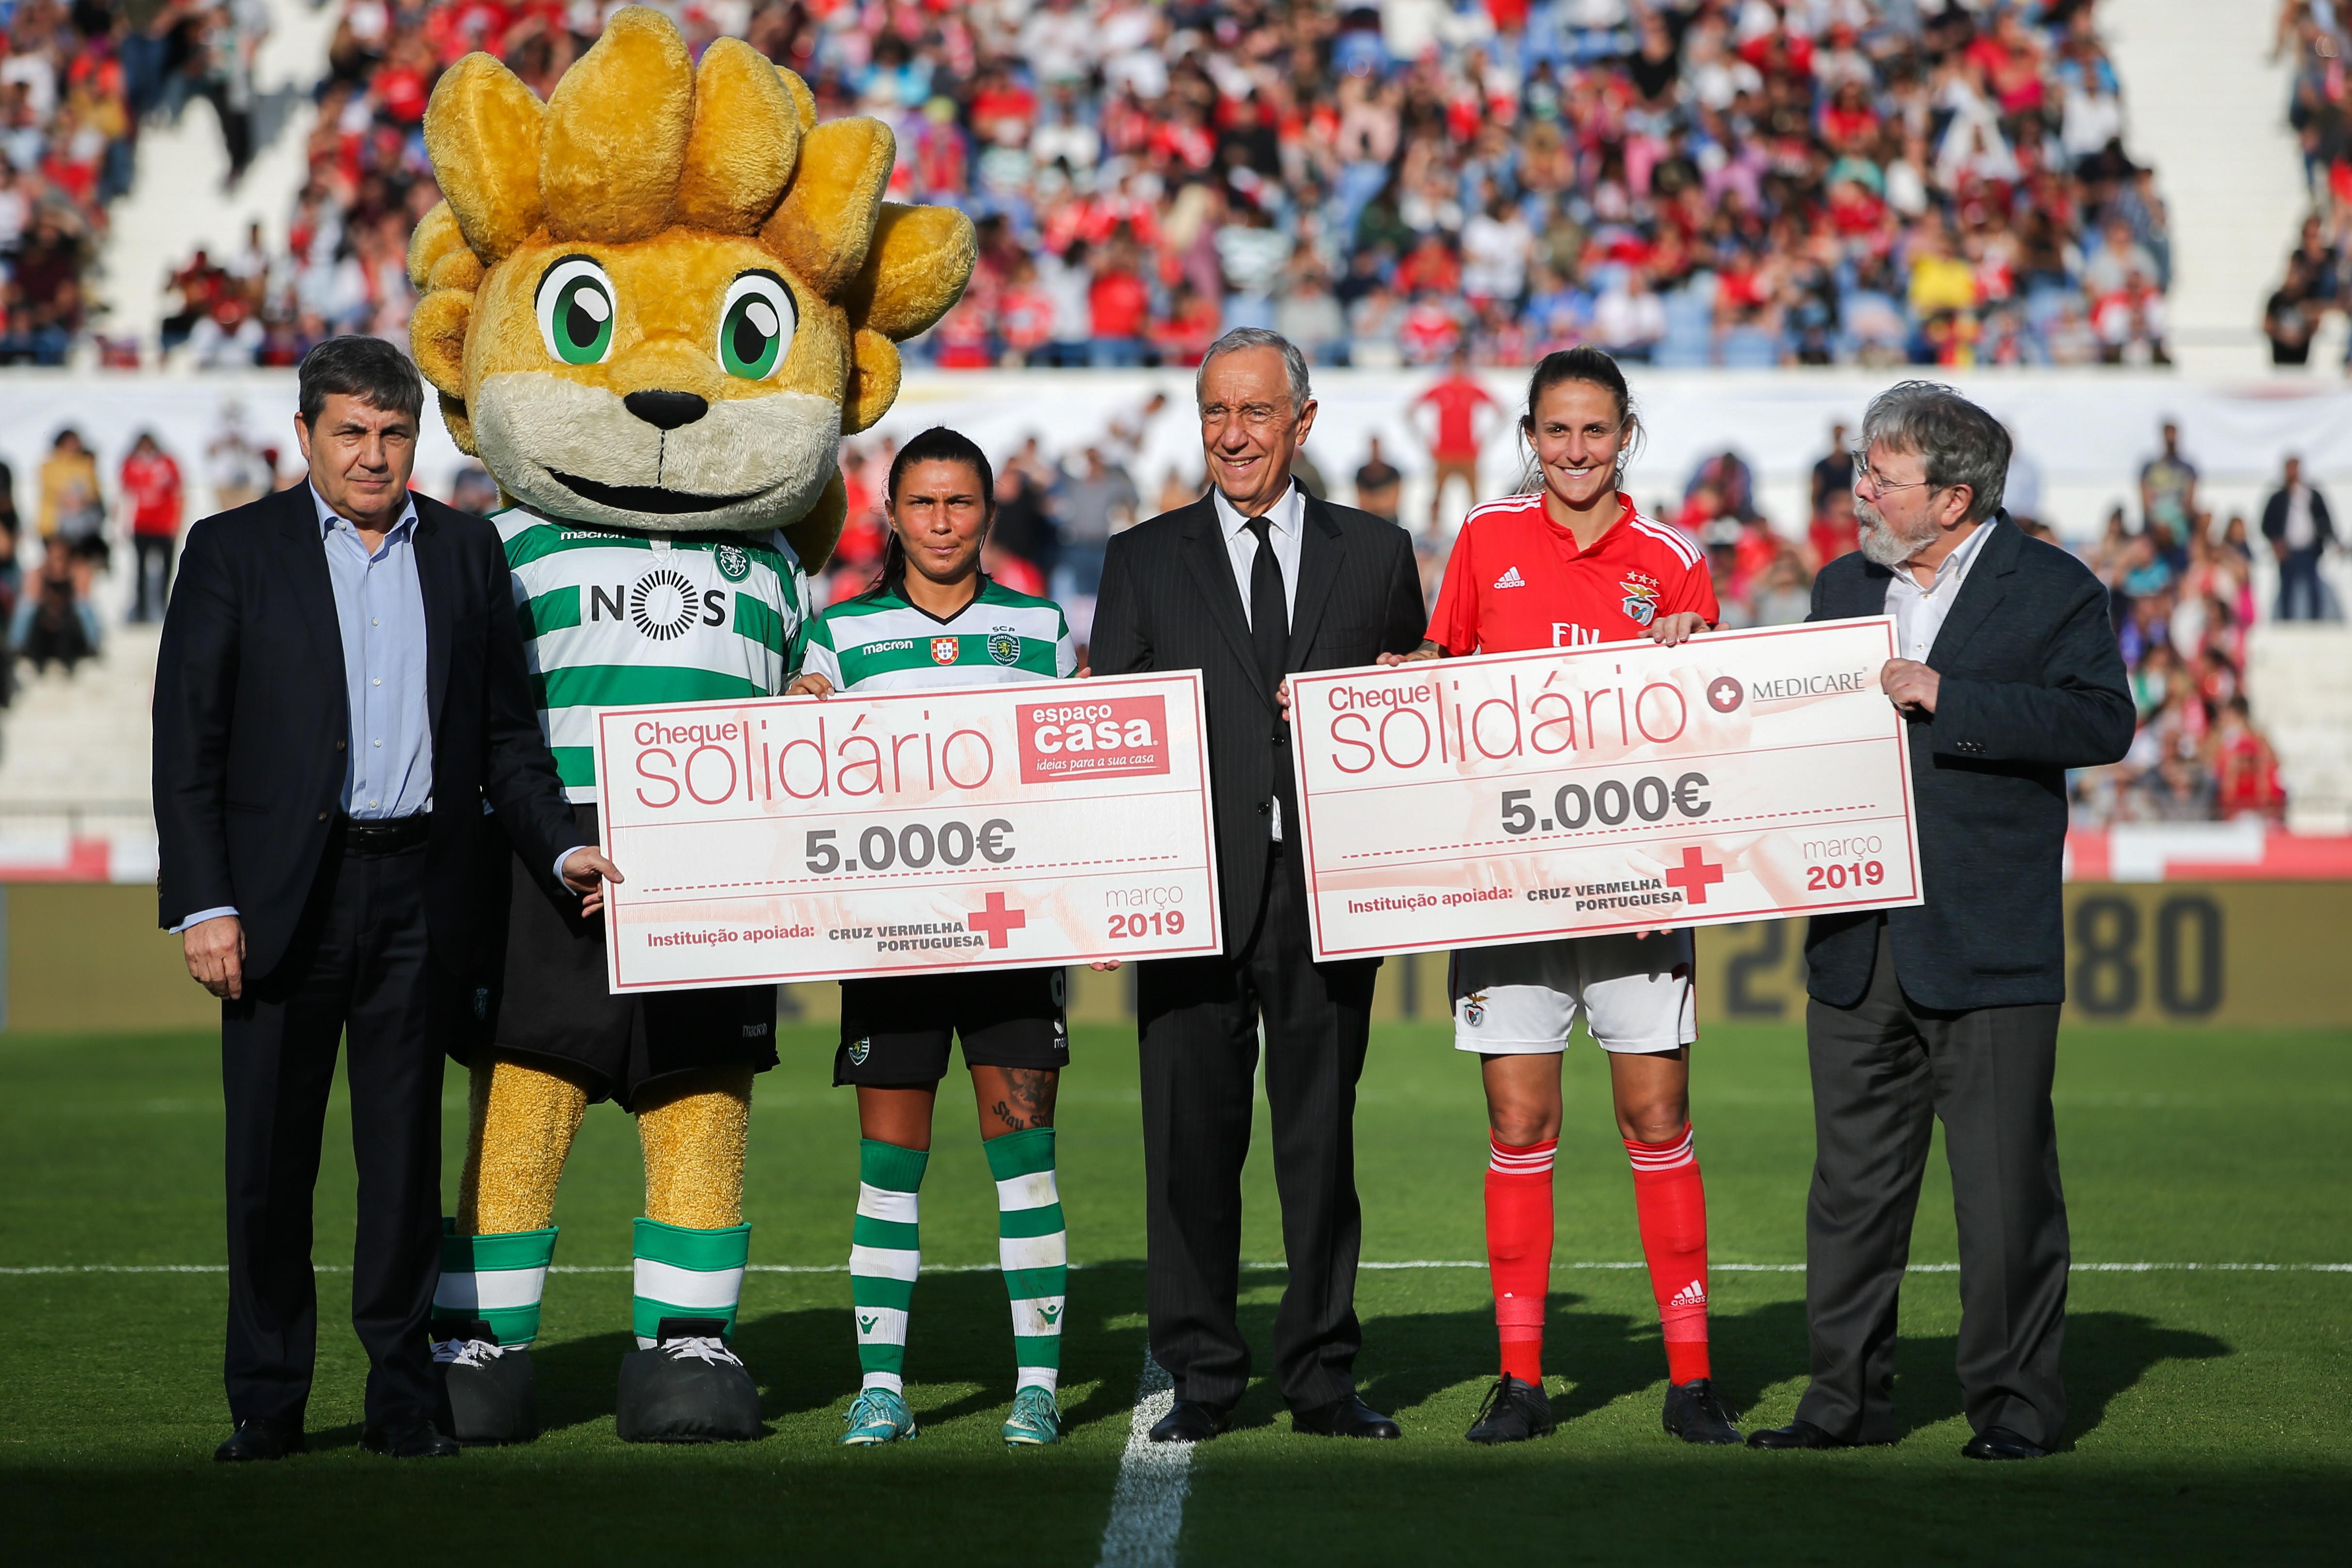 Jogo solidário que bateu recorde angariou 38 mil euros para Moçambique